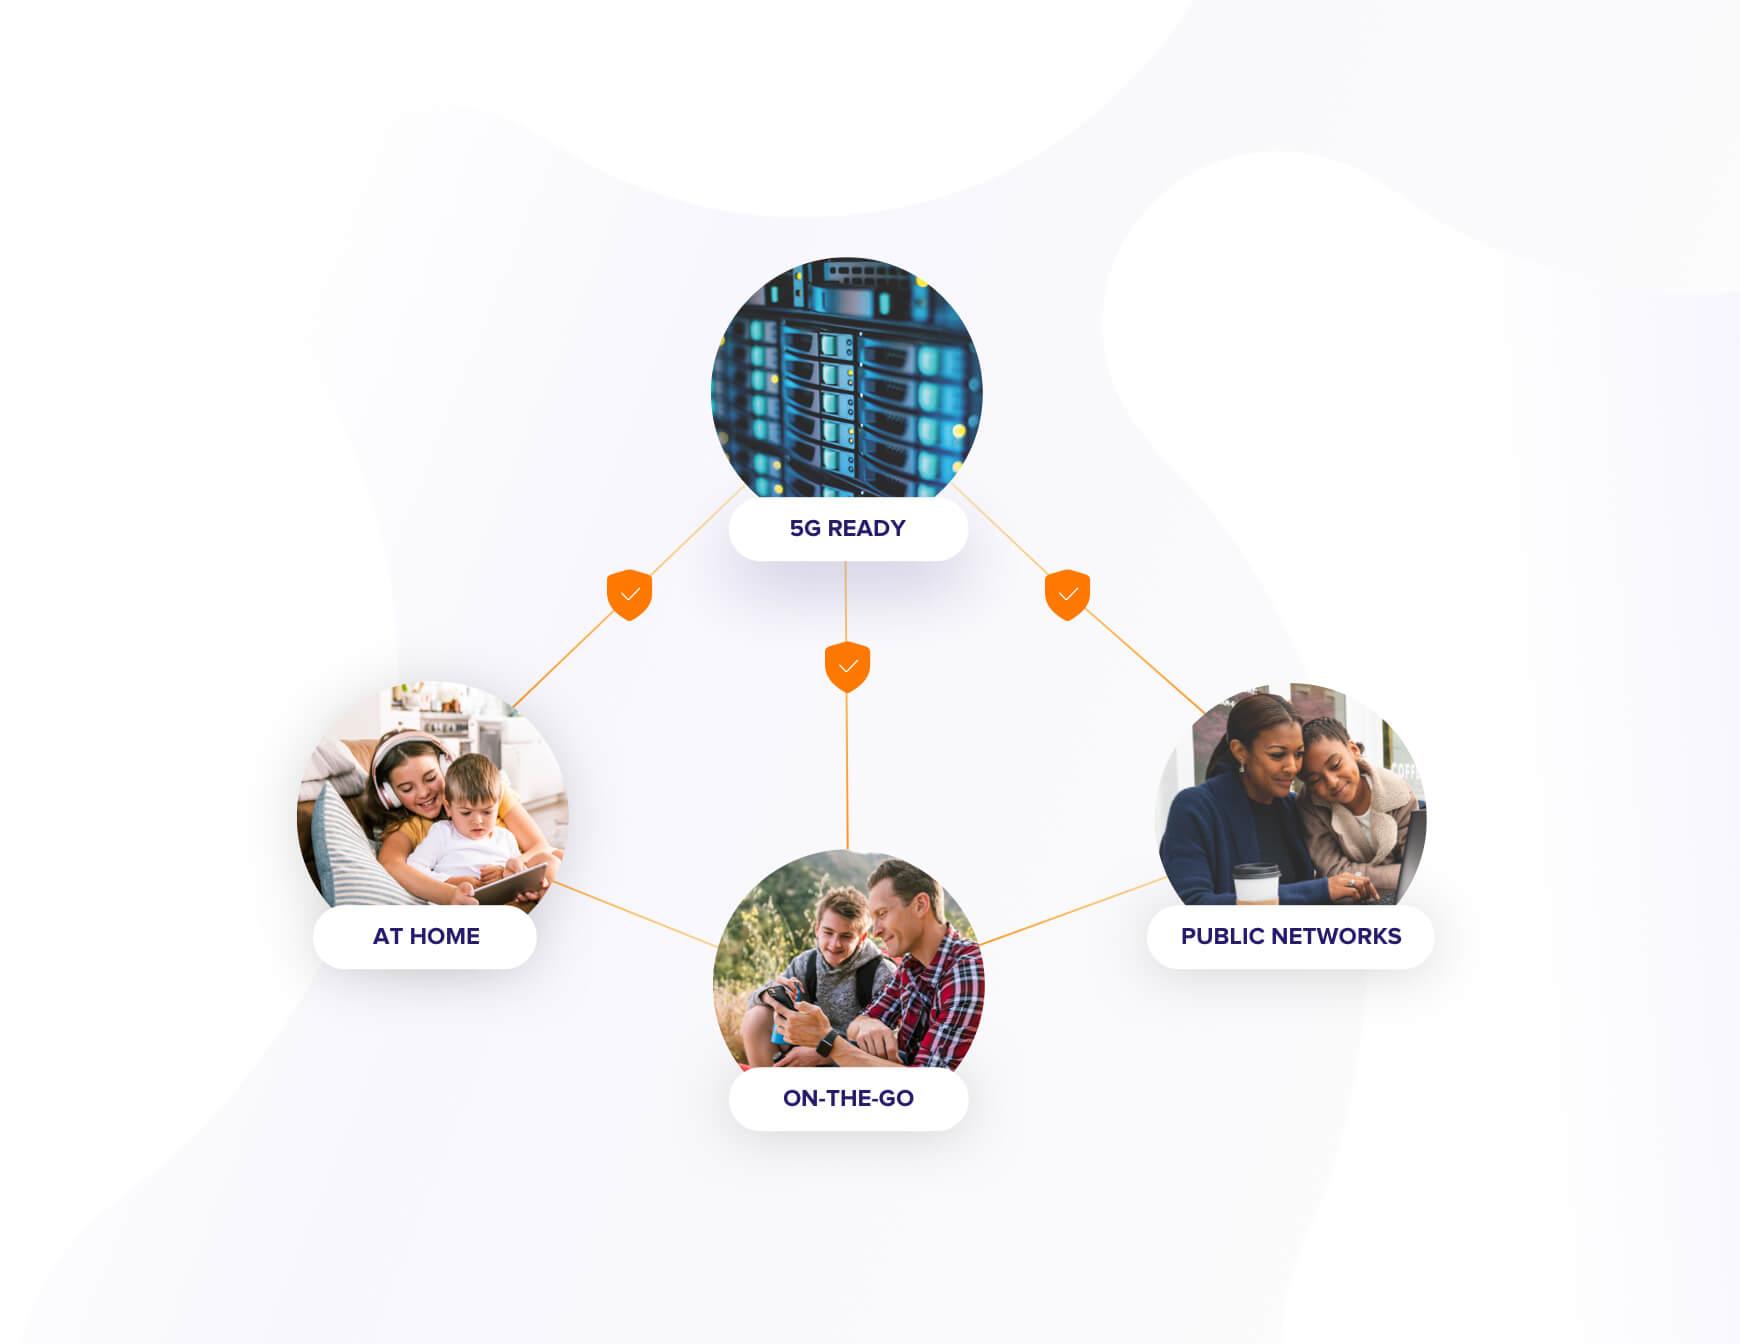 आपके ग्राहकों के संपूर्ण डिजिटल जीवन की रक्षा के लिए पूरी तरह से तैयार किए गए पेशकश